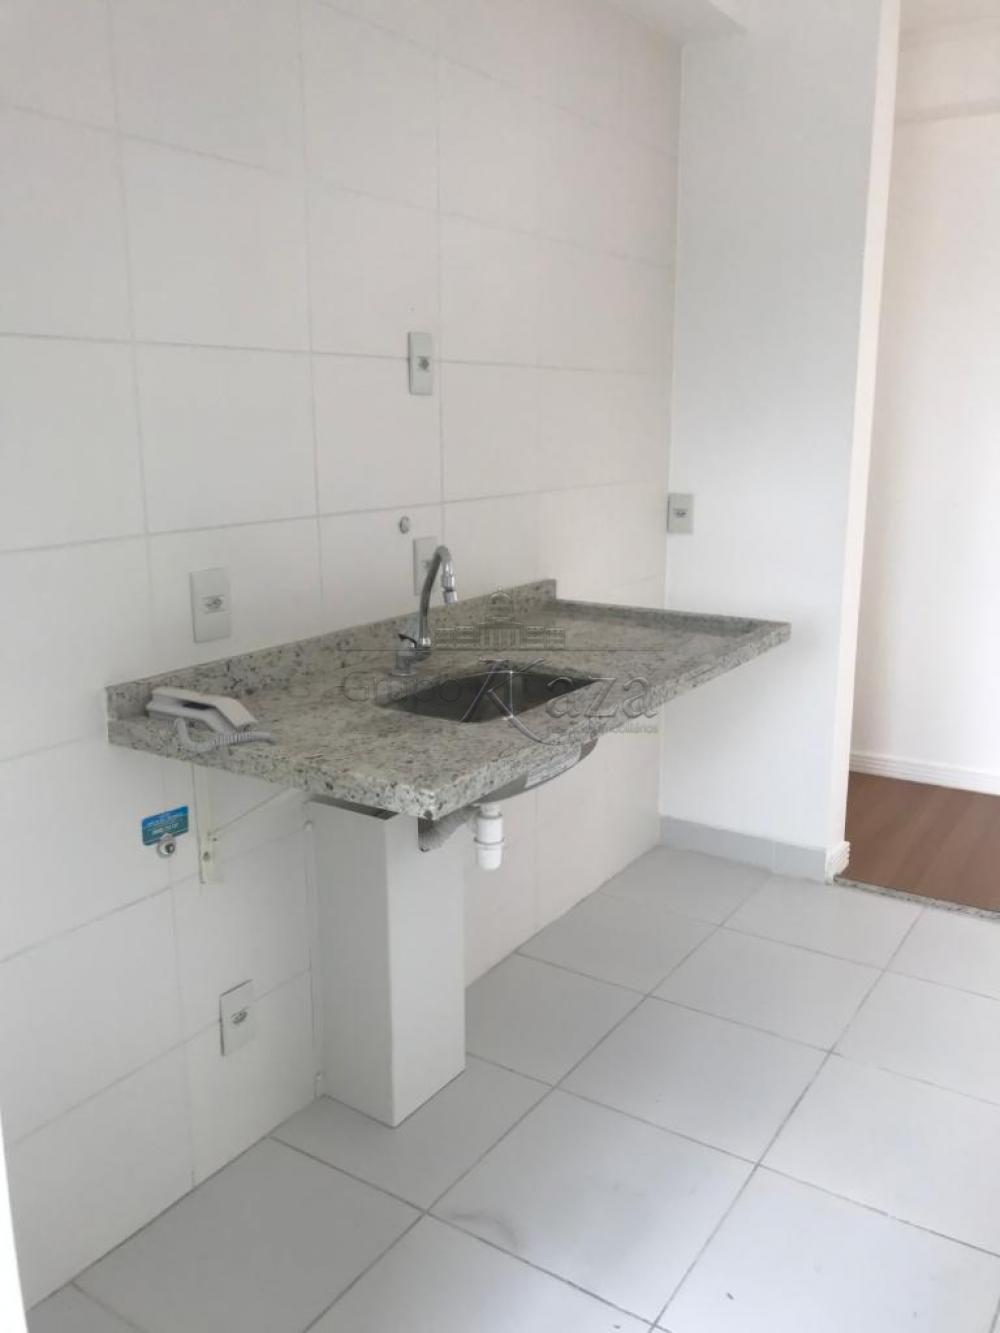 alt='Comprar Apartamento / Padrão em São José dos Campos R$ 350.000,00 - Foto 5' title='Comprar Apartamento / Padrão em São José dos Campos R$ 350.000,00 - Foto 5'